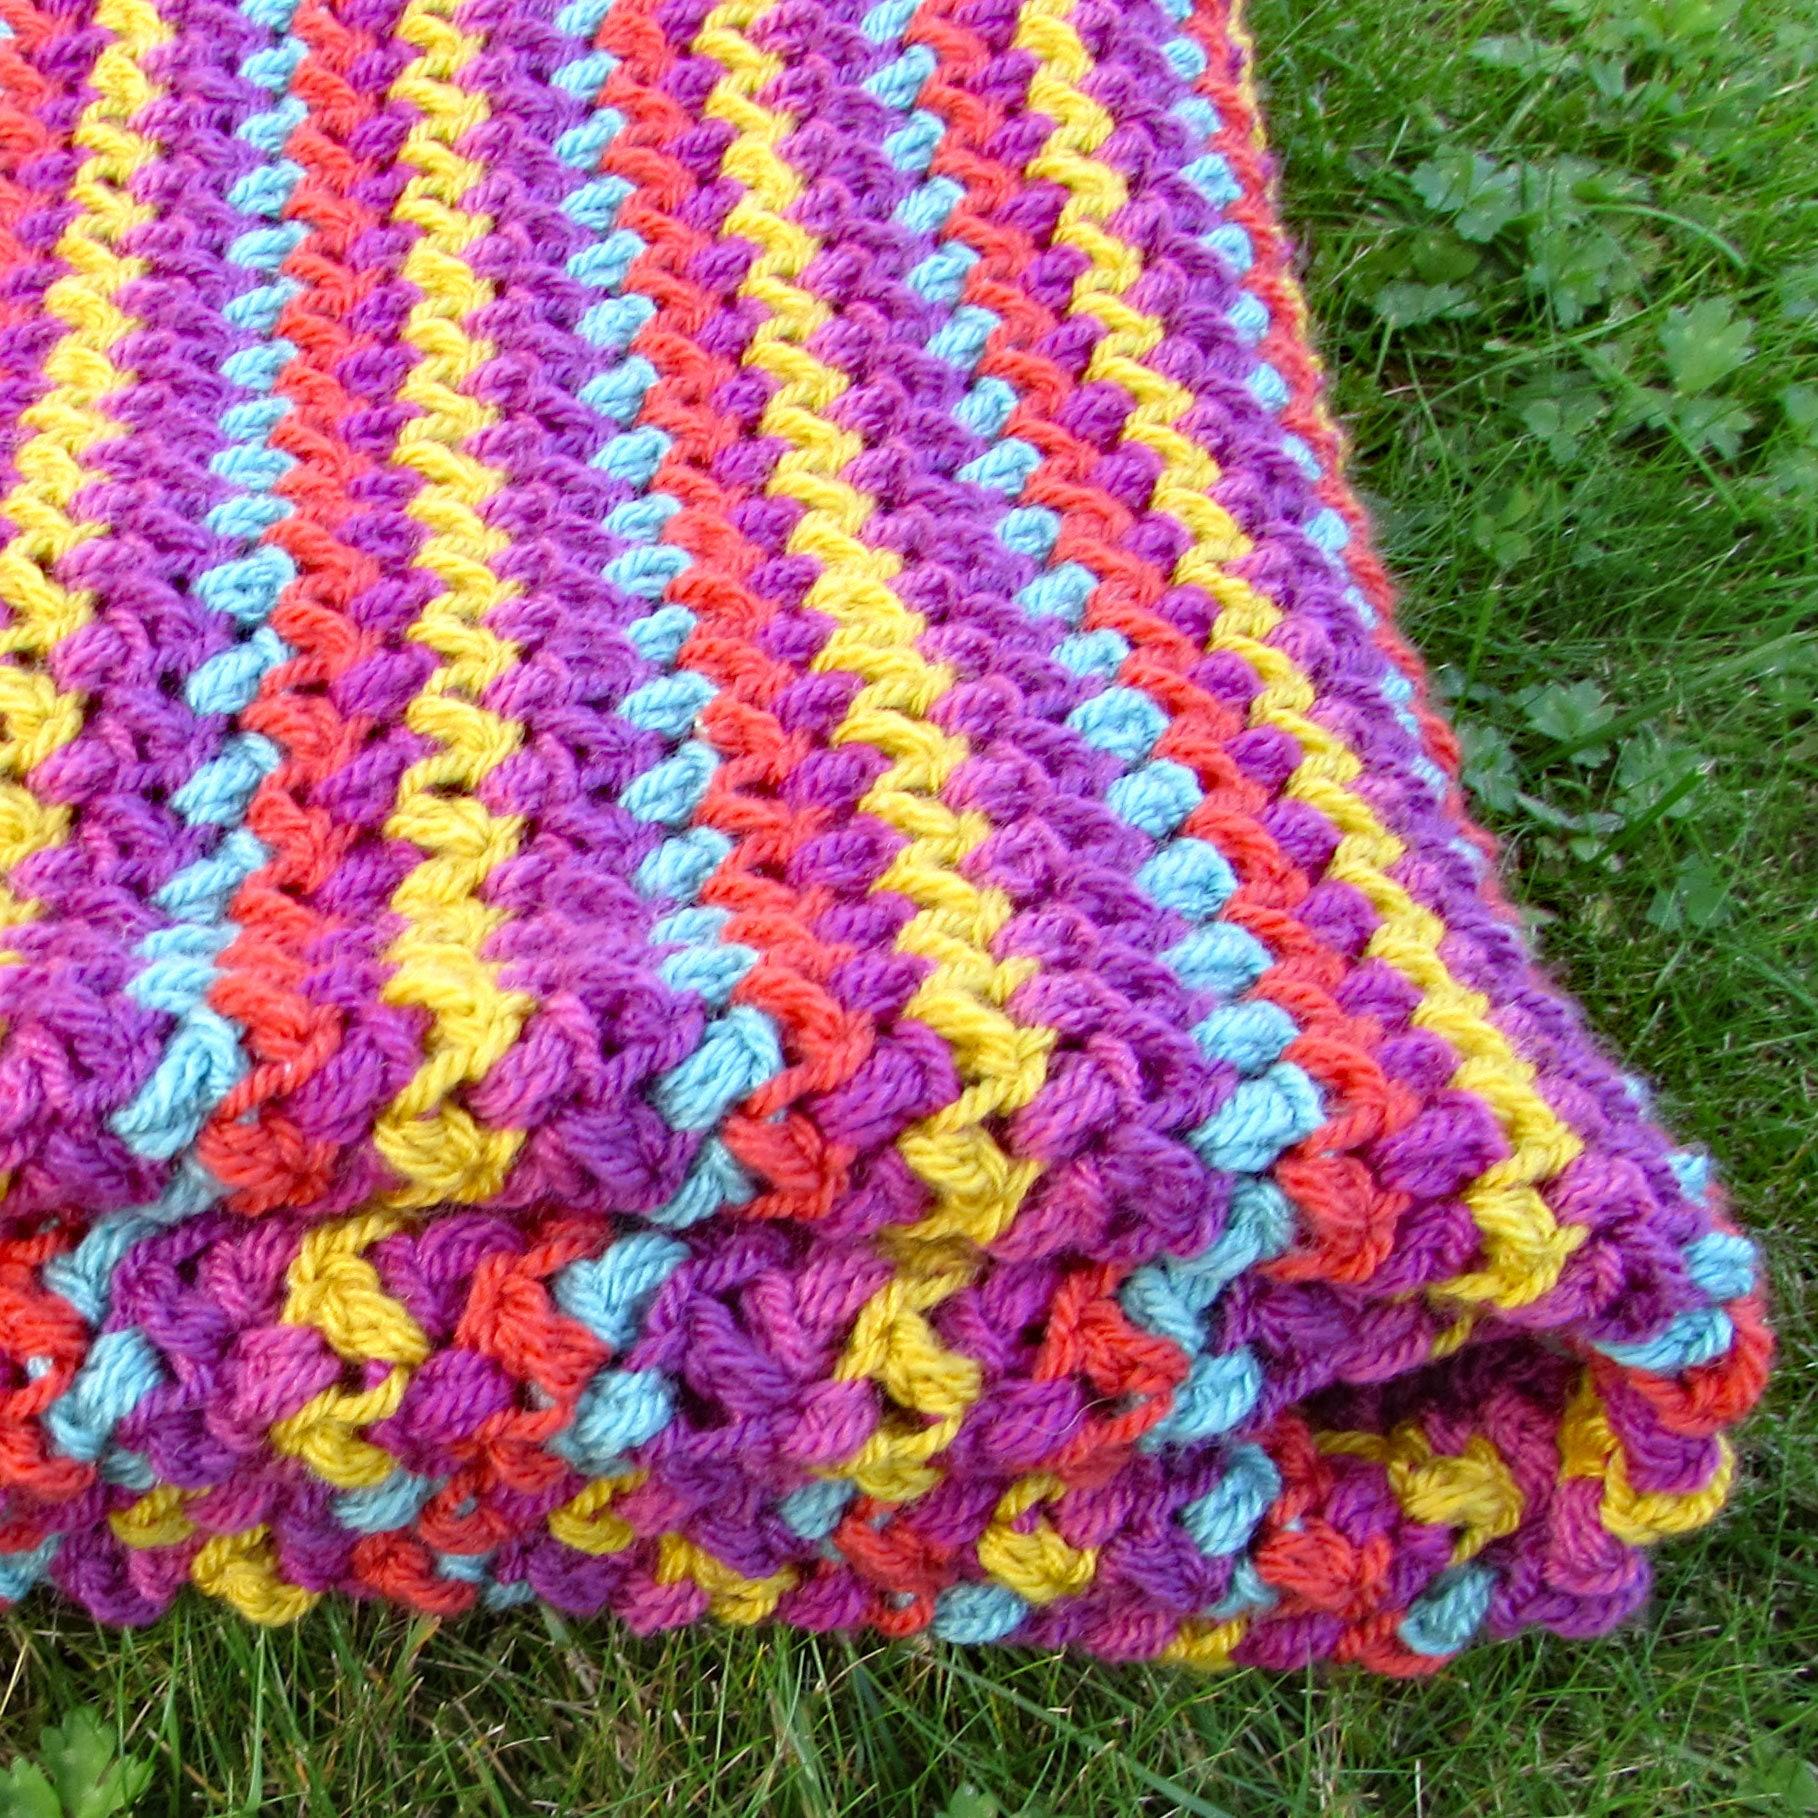 Gemüse Patch Gehäkelte Decke Bausatz häkeln Runde Decke